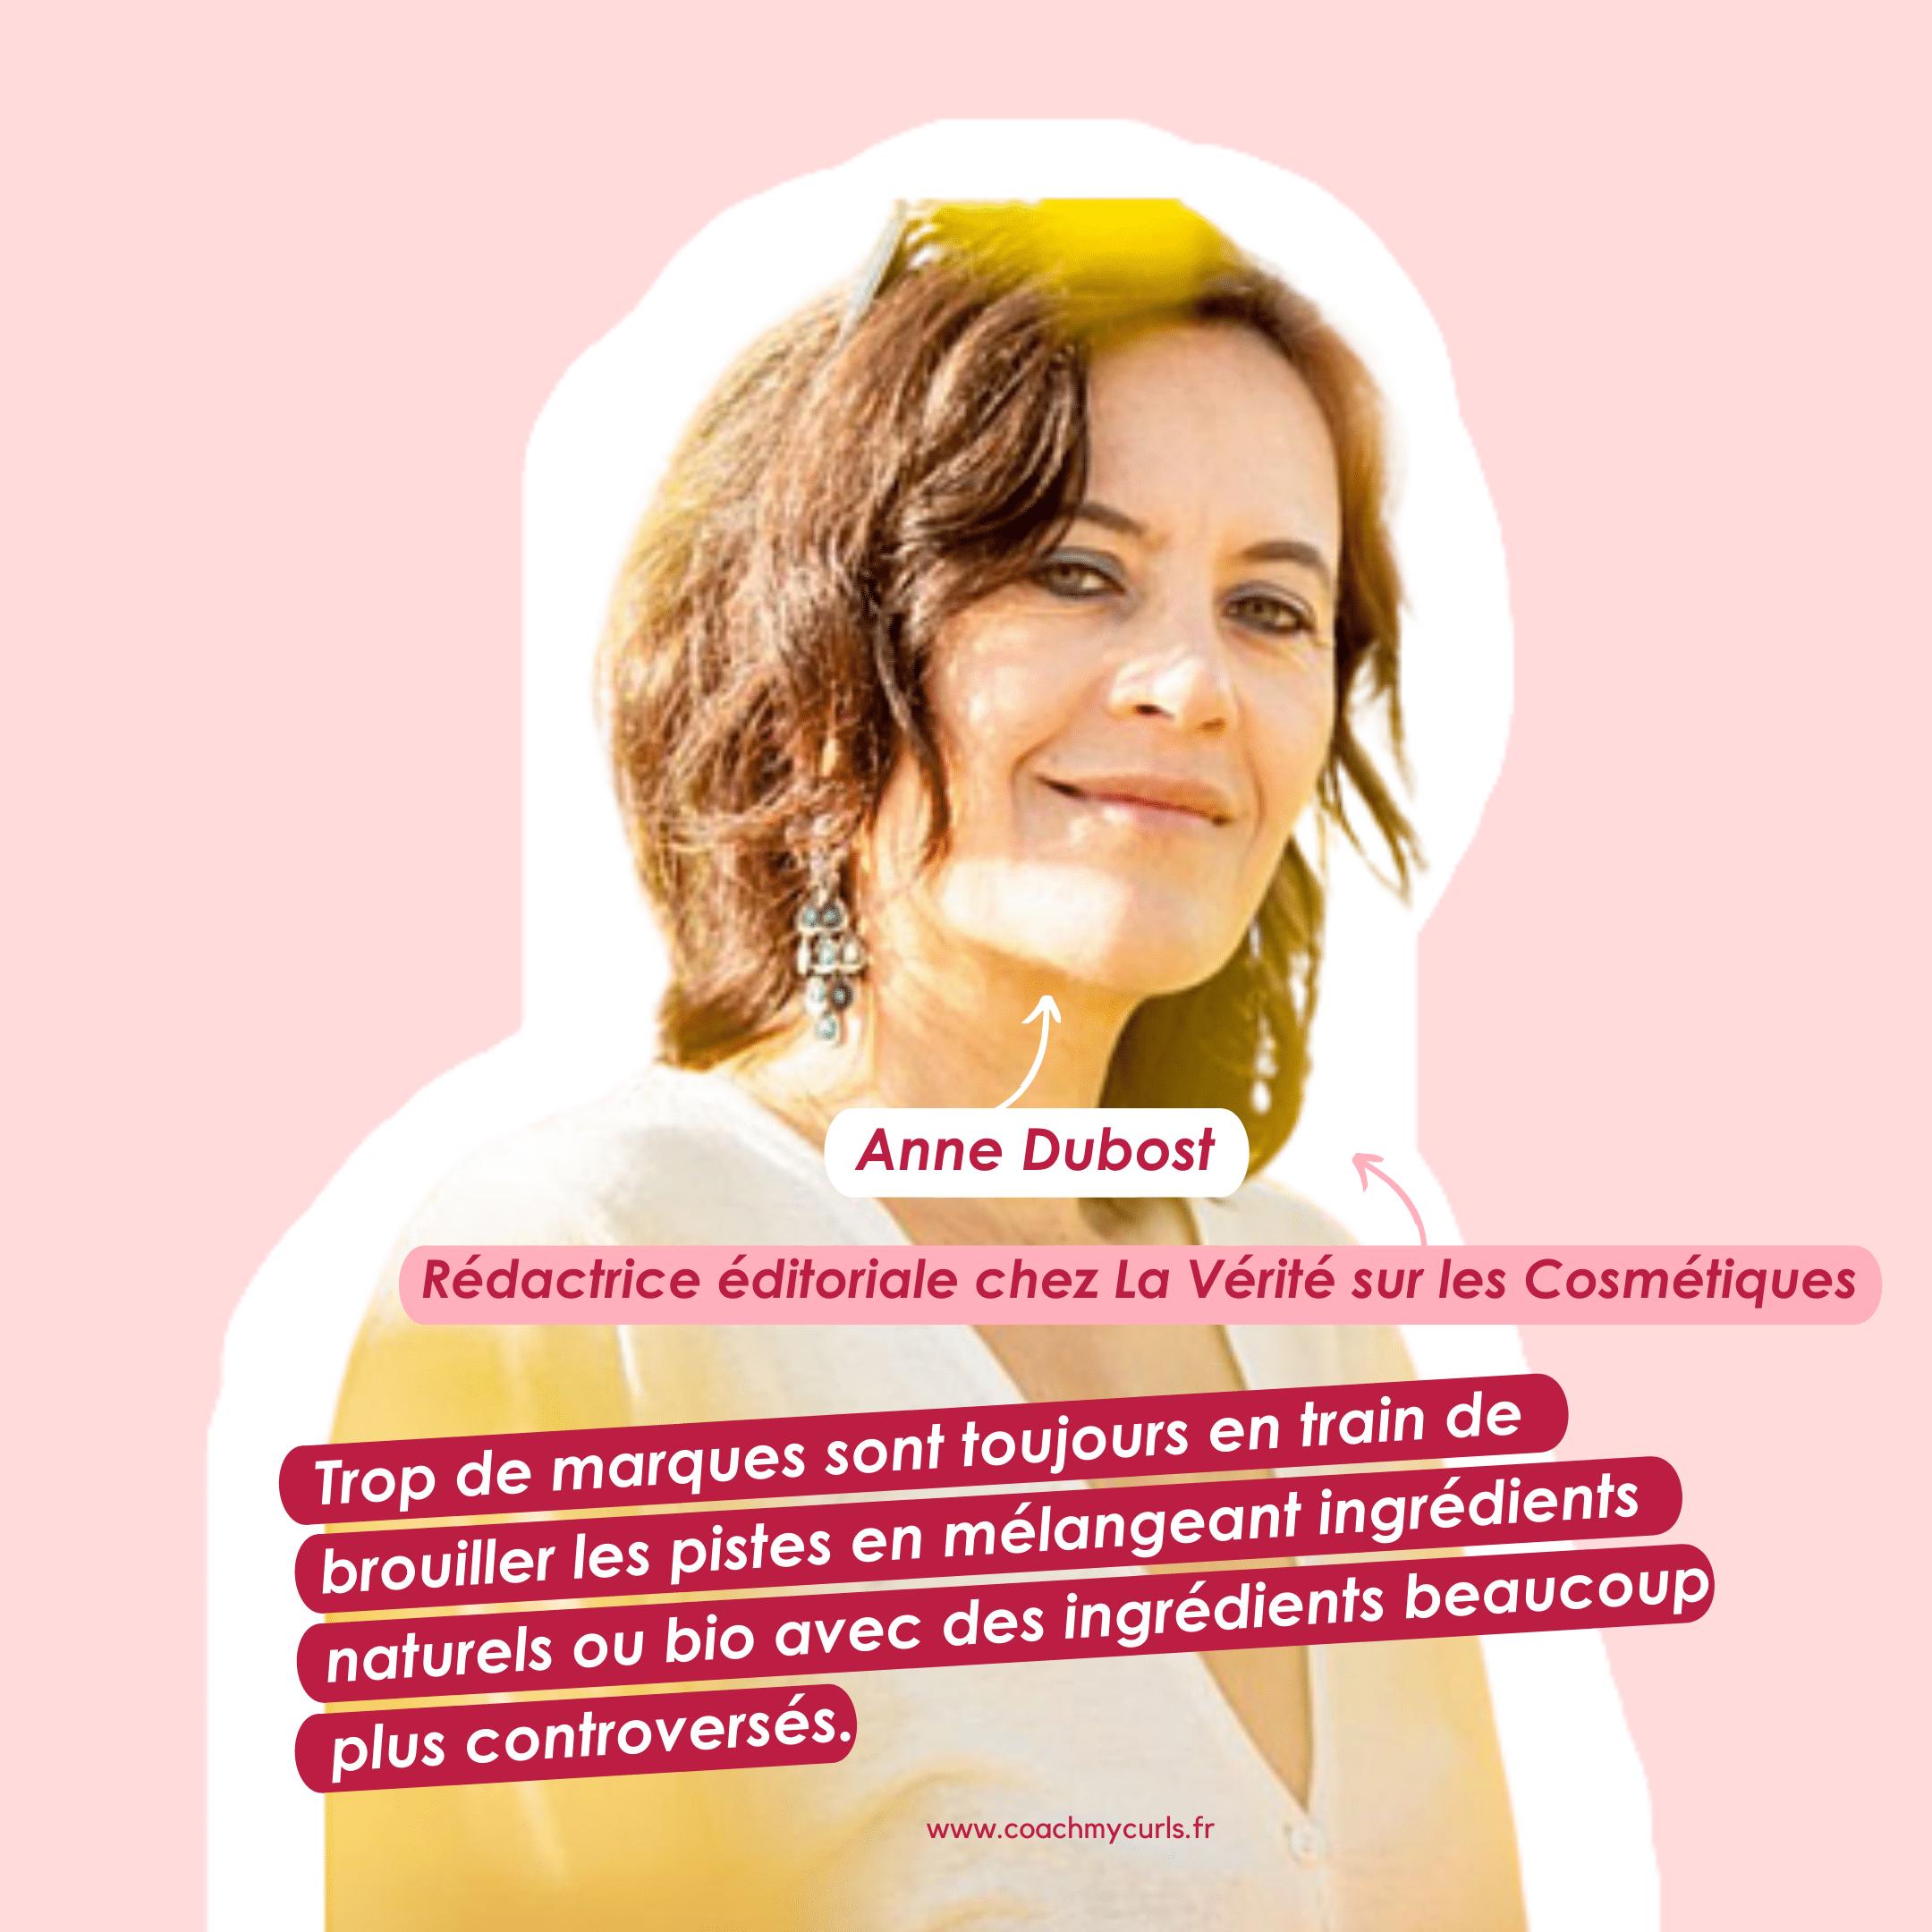 Anne Dubost nous livre sa vérité sur les cosmétiques